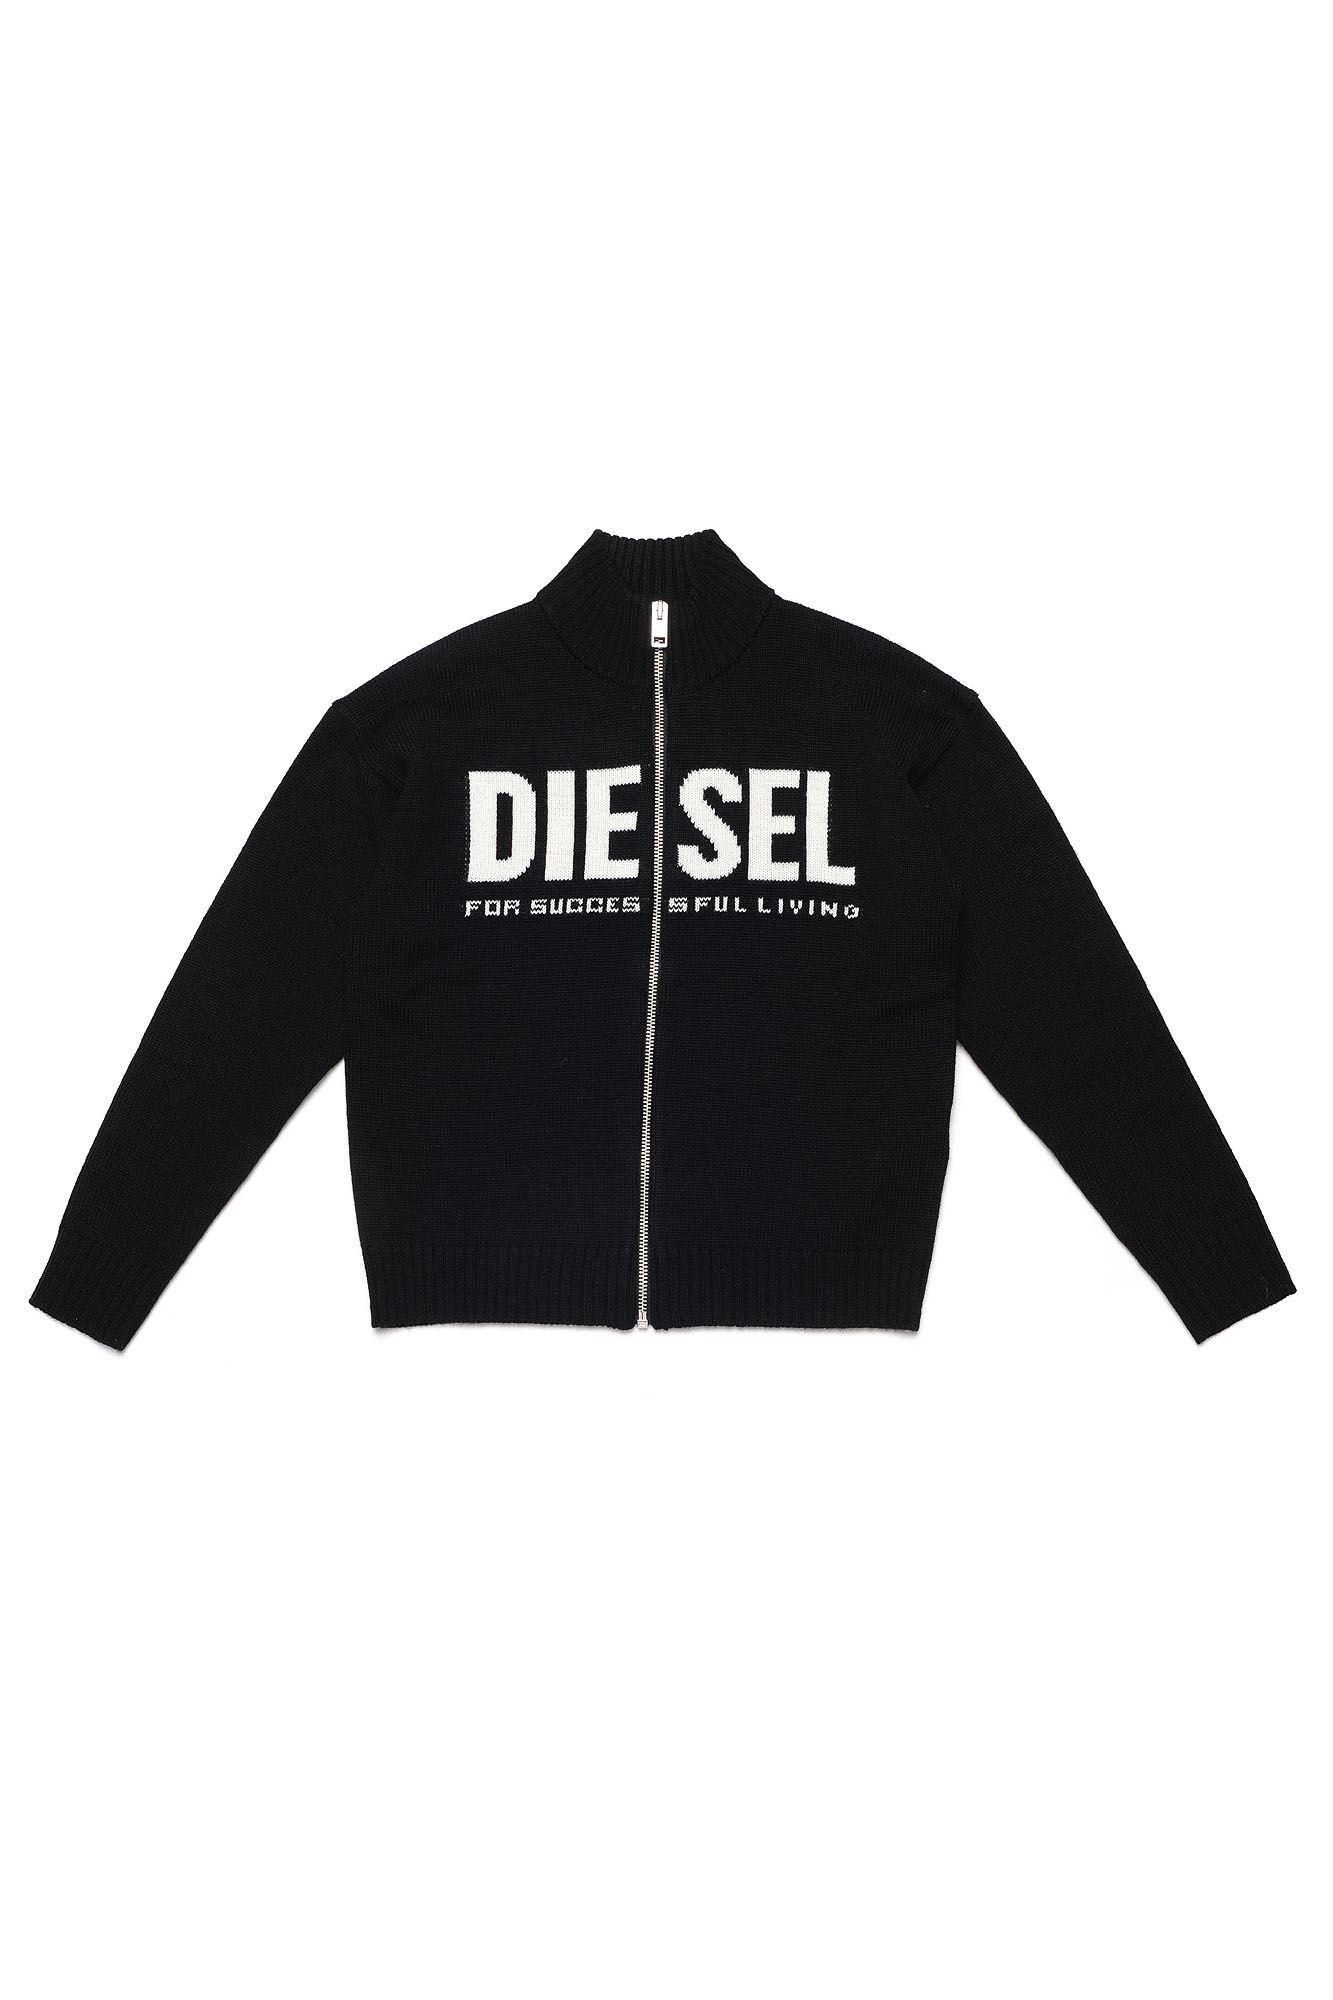 Klogoxzip Shirt - Diesel Kid